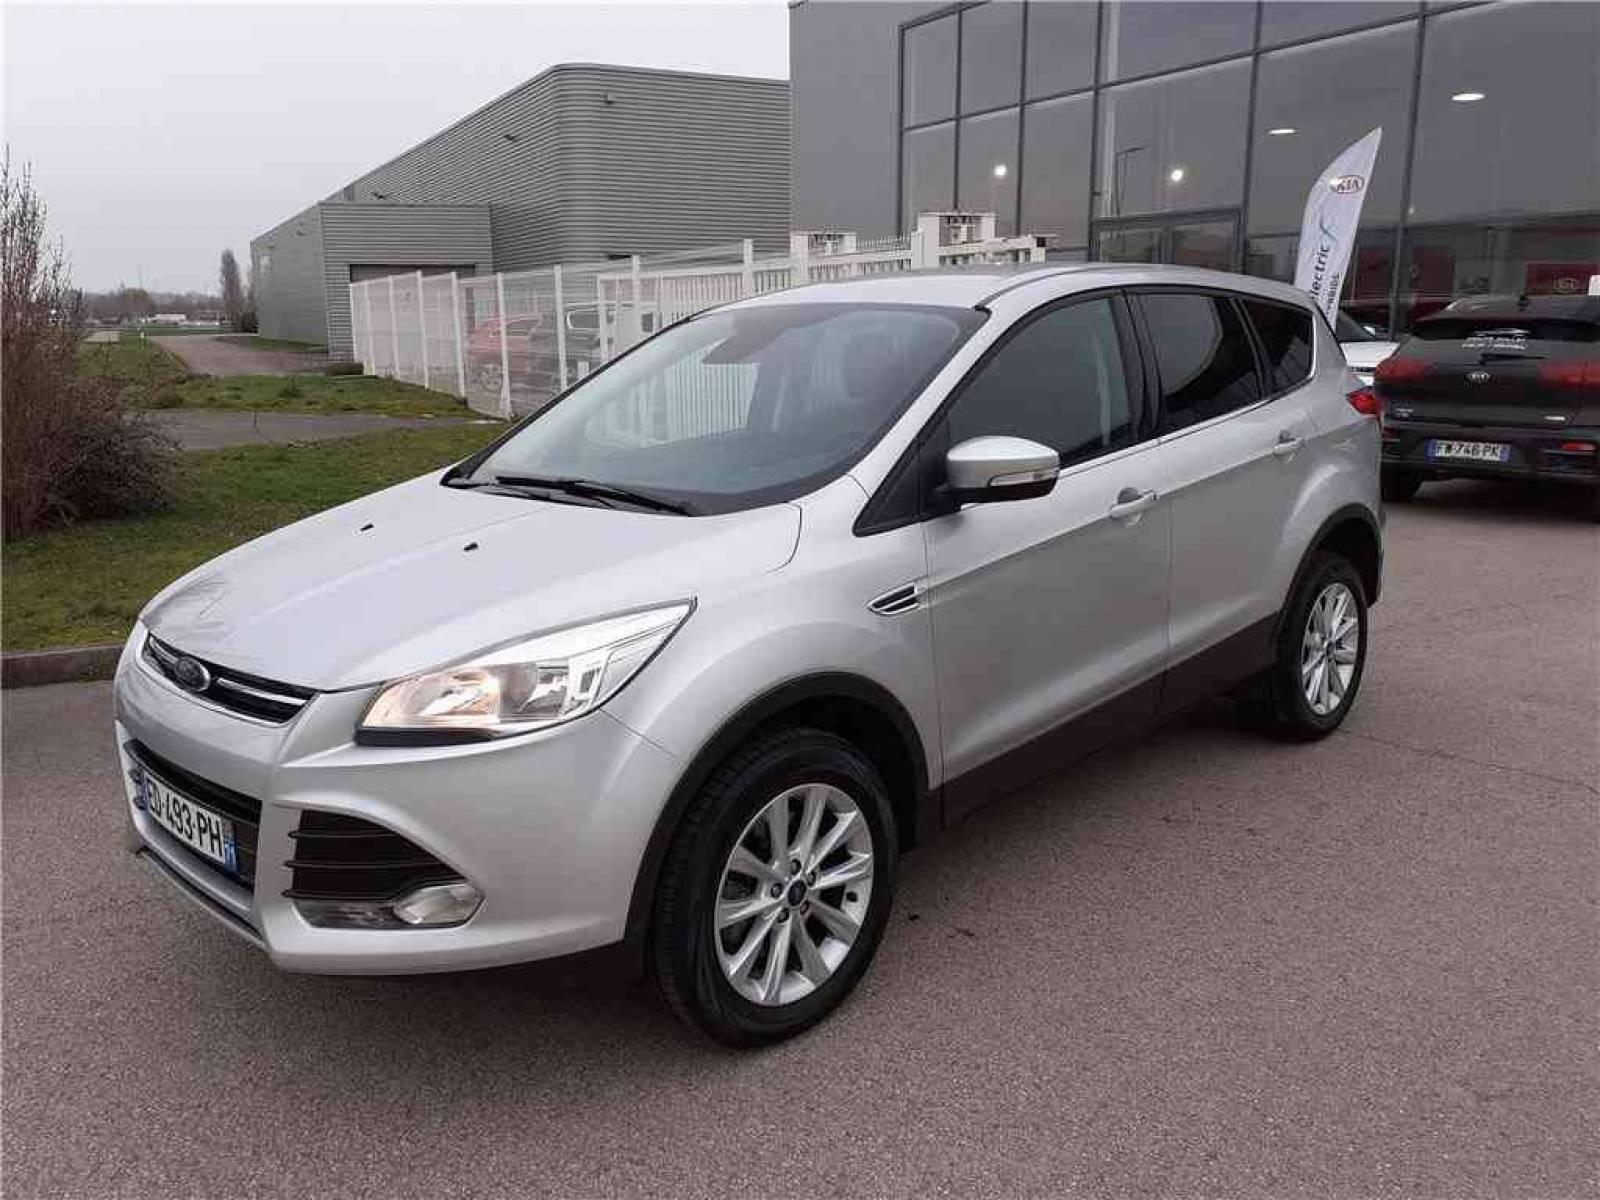 FORD Kuga 2.0 TDCi 150 S&S 4x4 - véhicule d'occasion - Groupe Guillet - Hall de l'automobile - Chalon sur Saône - 71380 - Saint-Marcel - 1